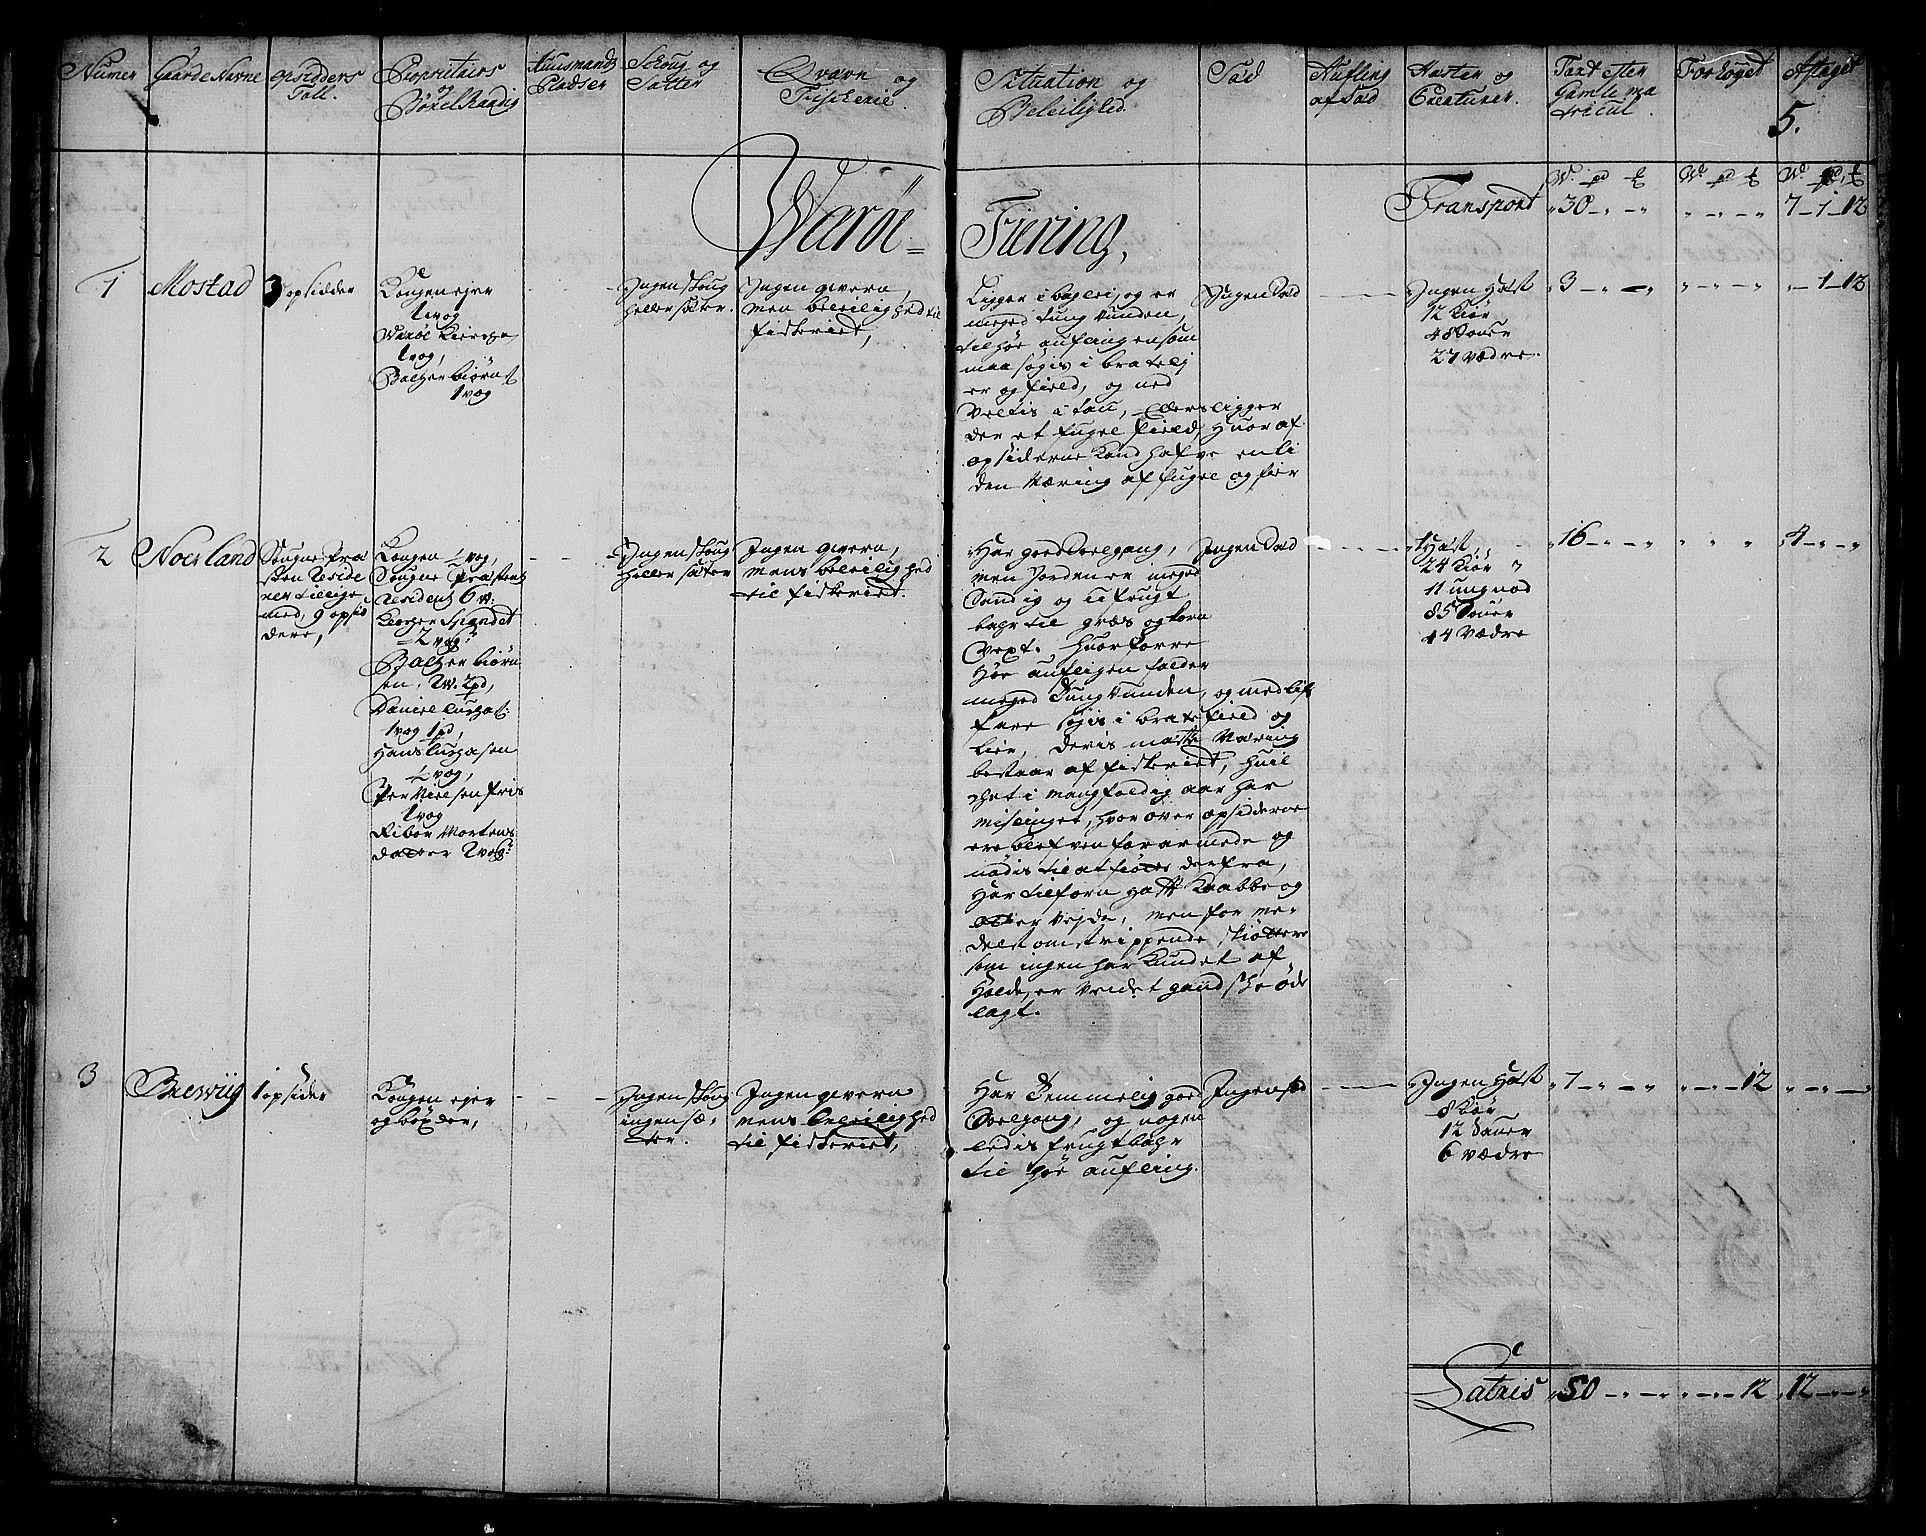 RA, Rentekammeret inntil 1814, Realistisk ordnet avdeling, N/Nb/Nbf/L0174: Lofoten eksaminasjonsprotokoll, 1723, s. 4b-5a